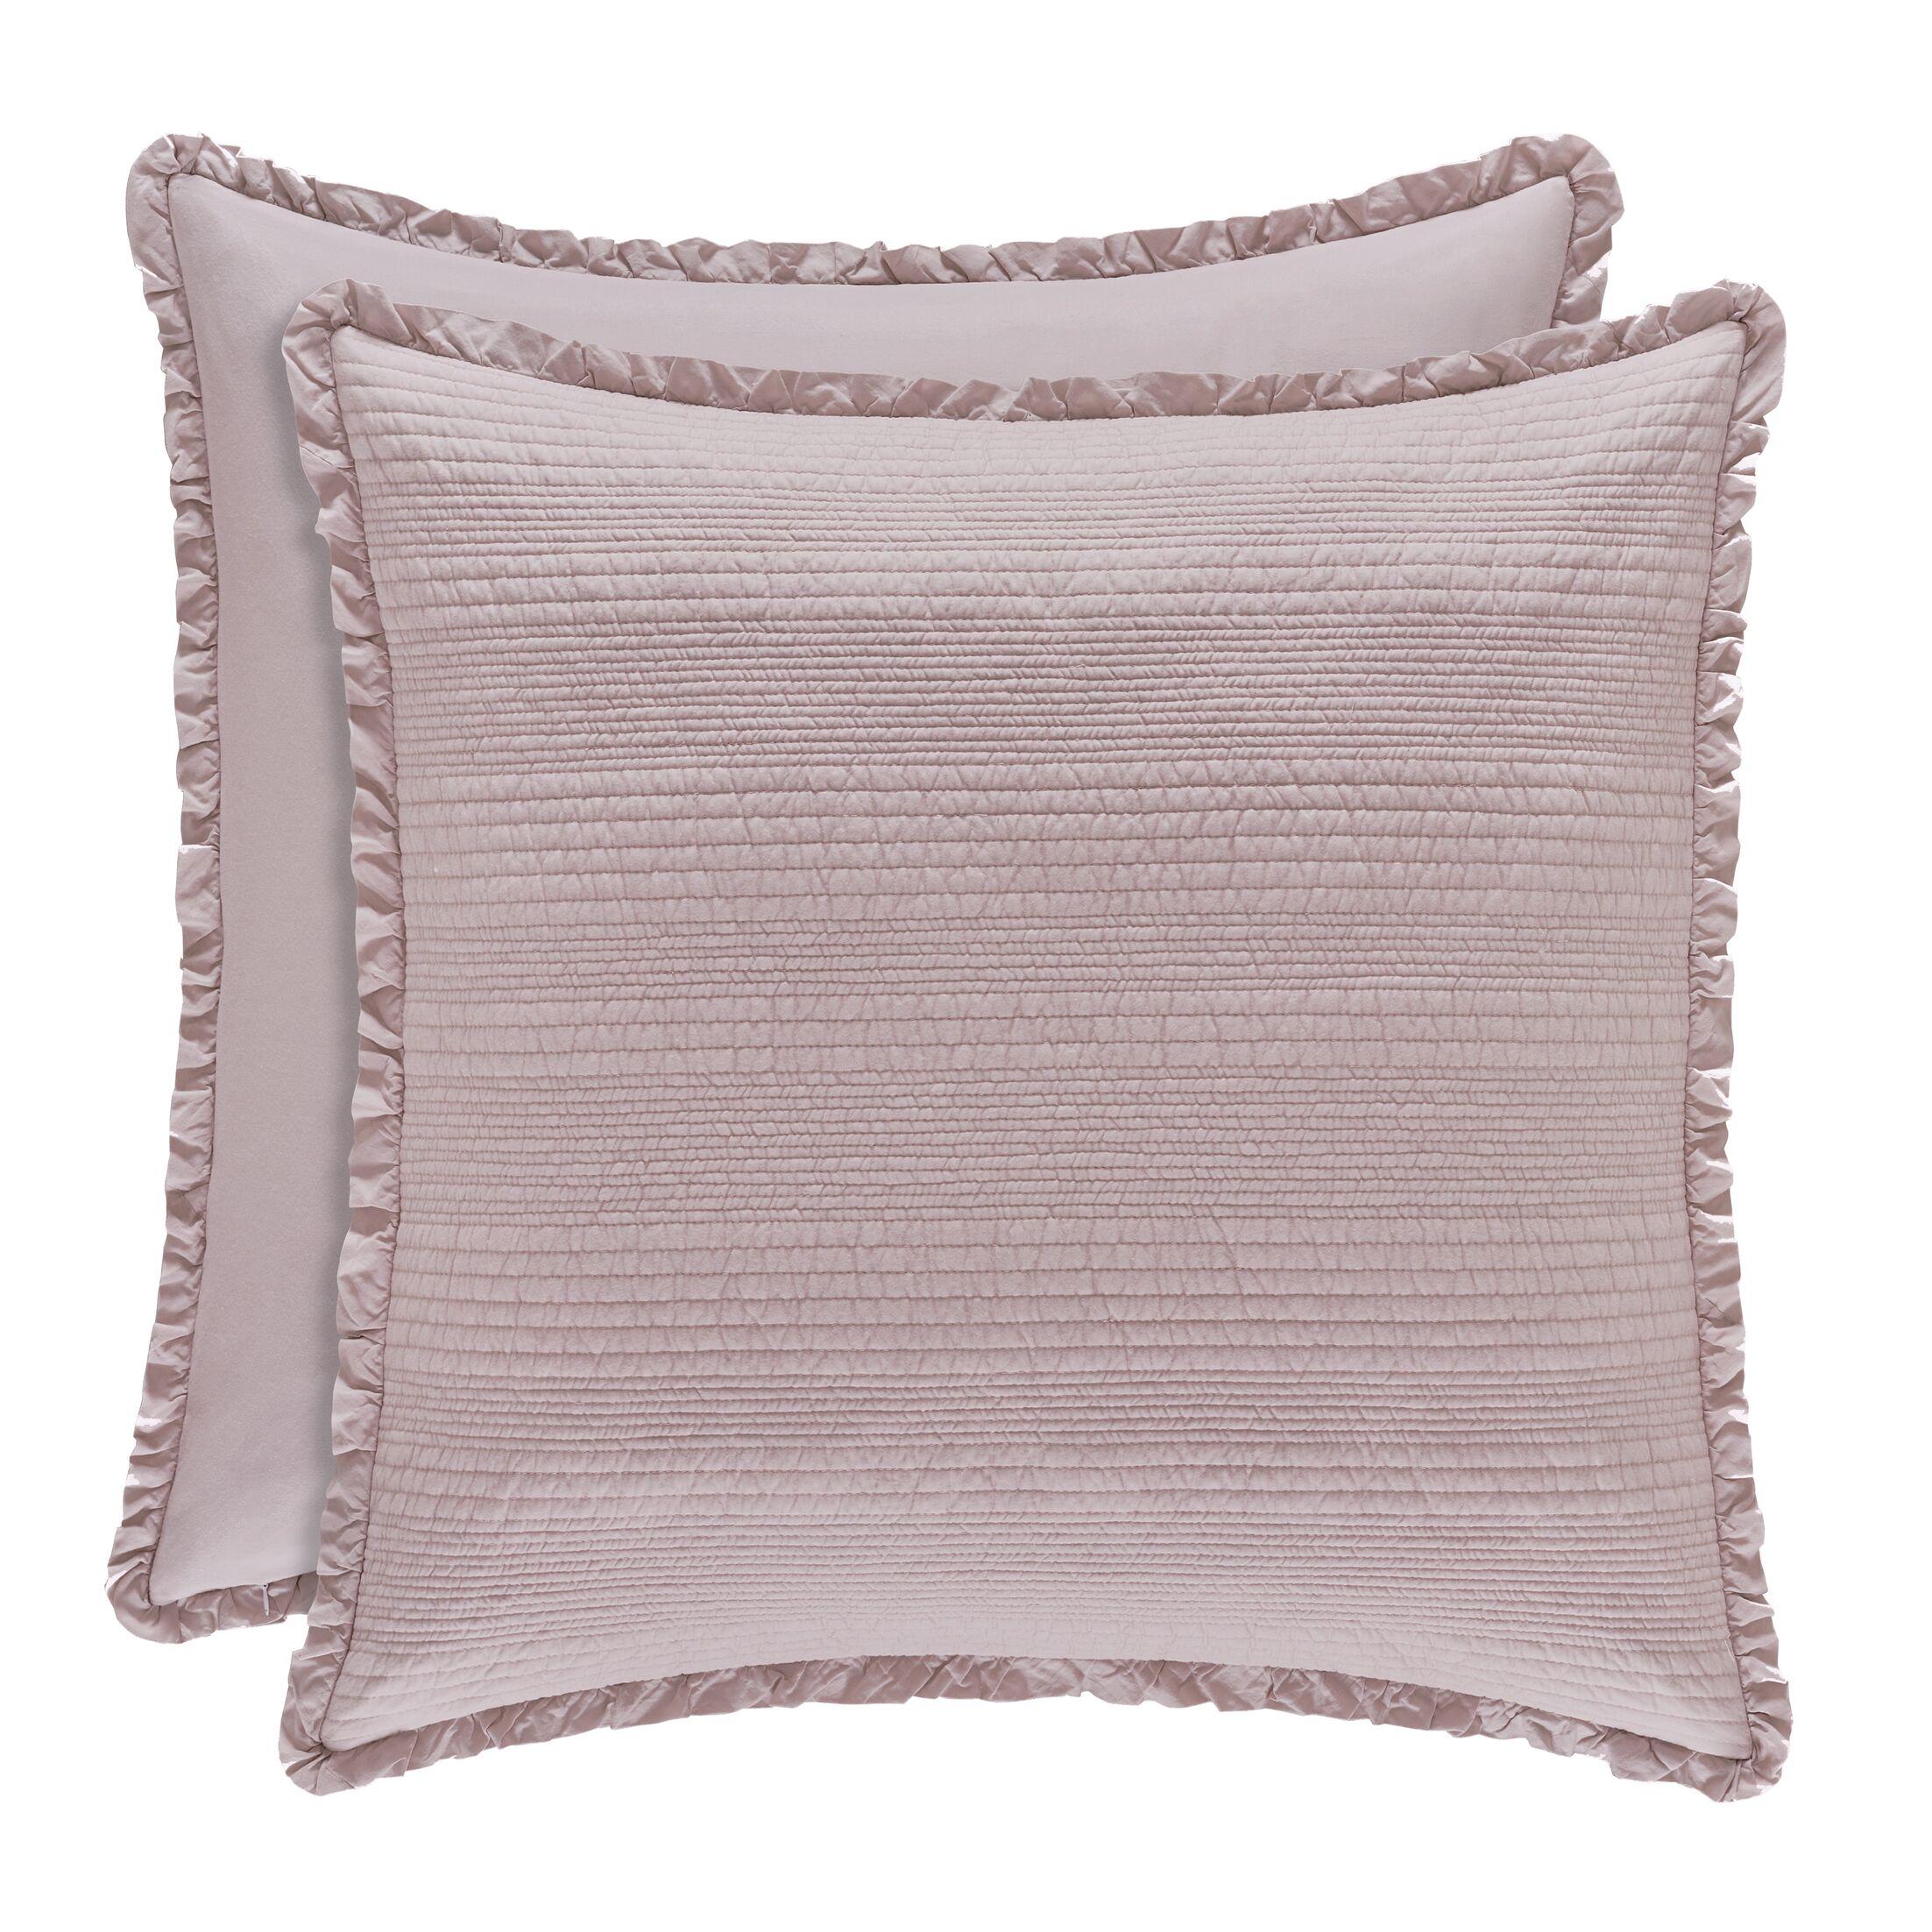 Leavell Sham Color: Lavender, Size: Standard